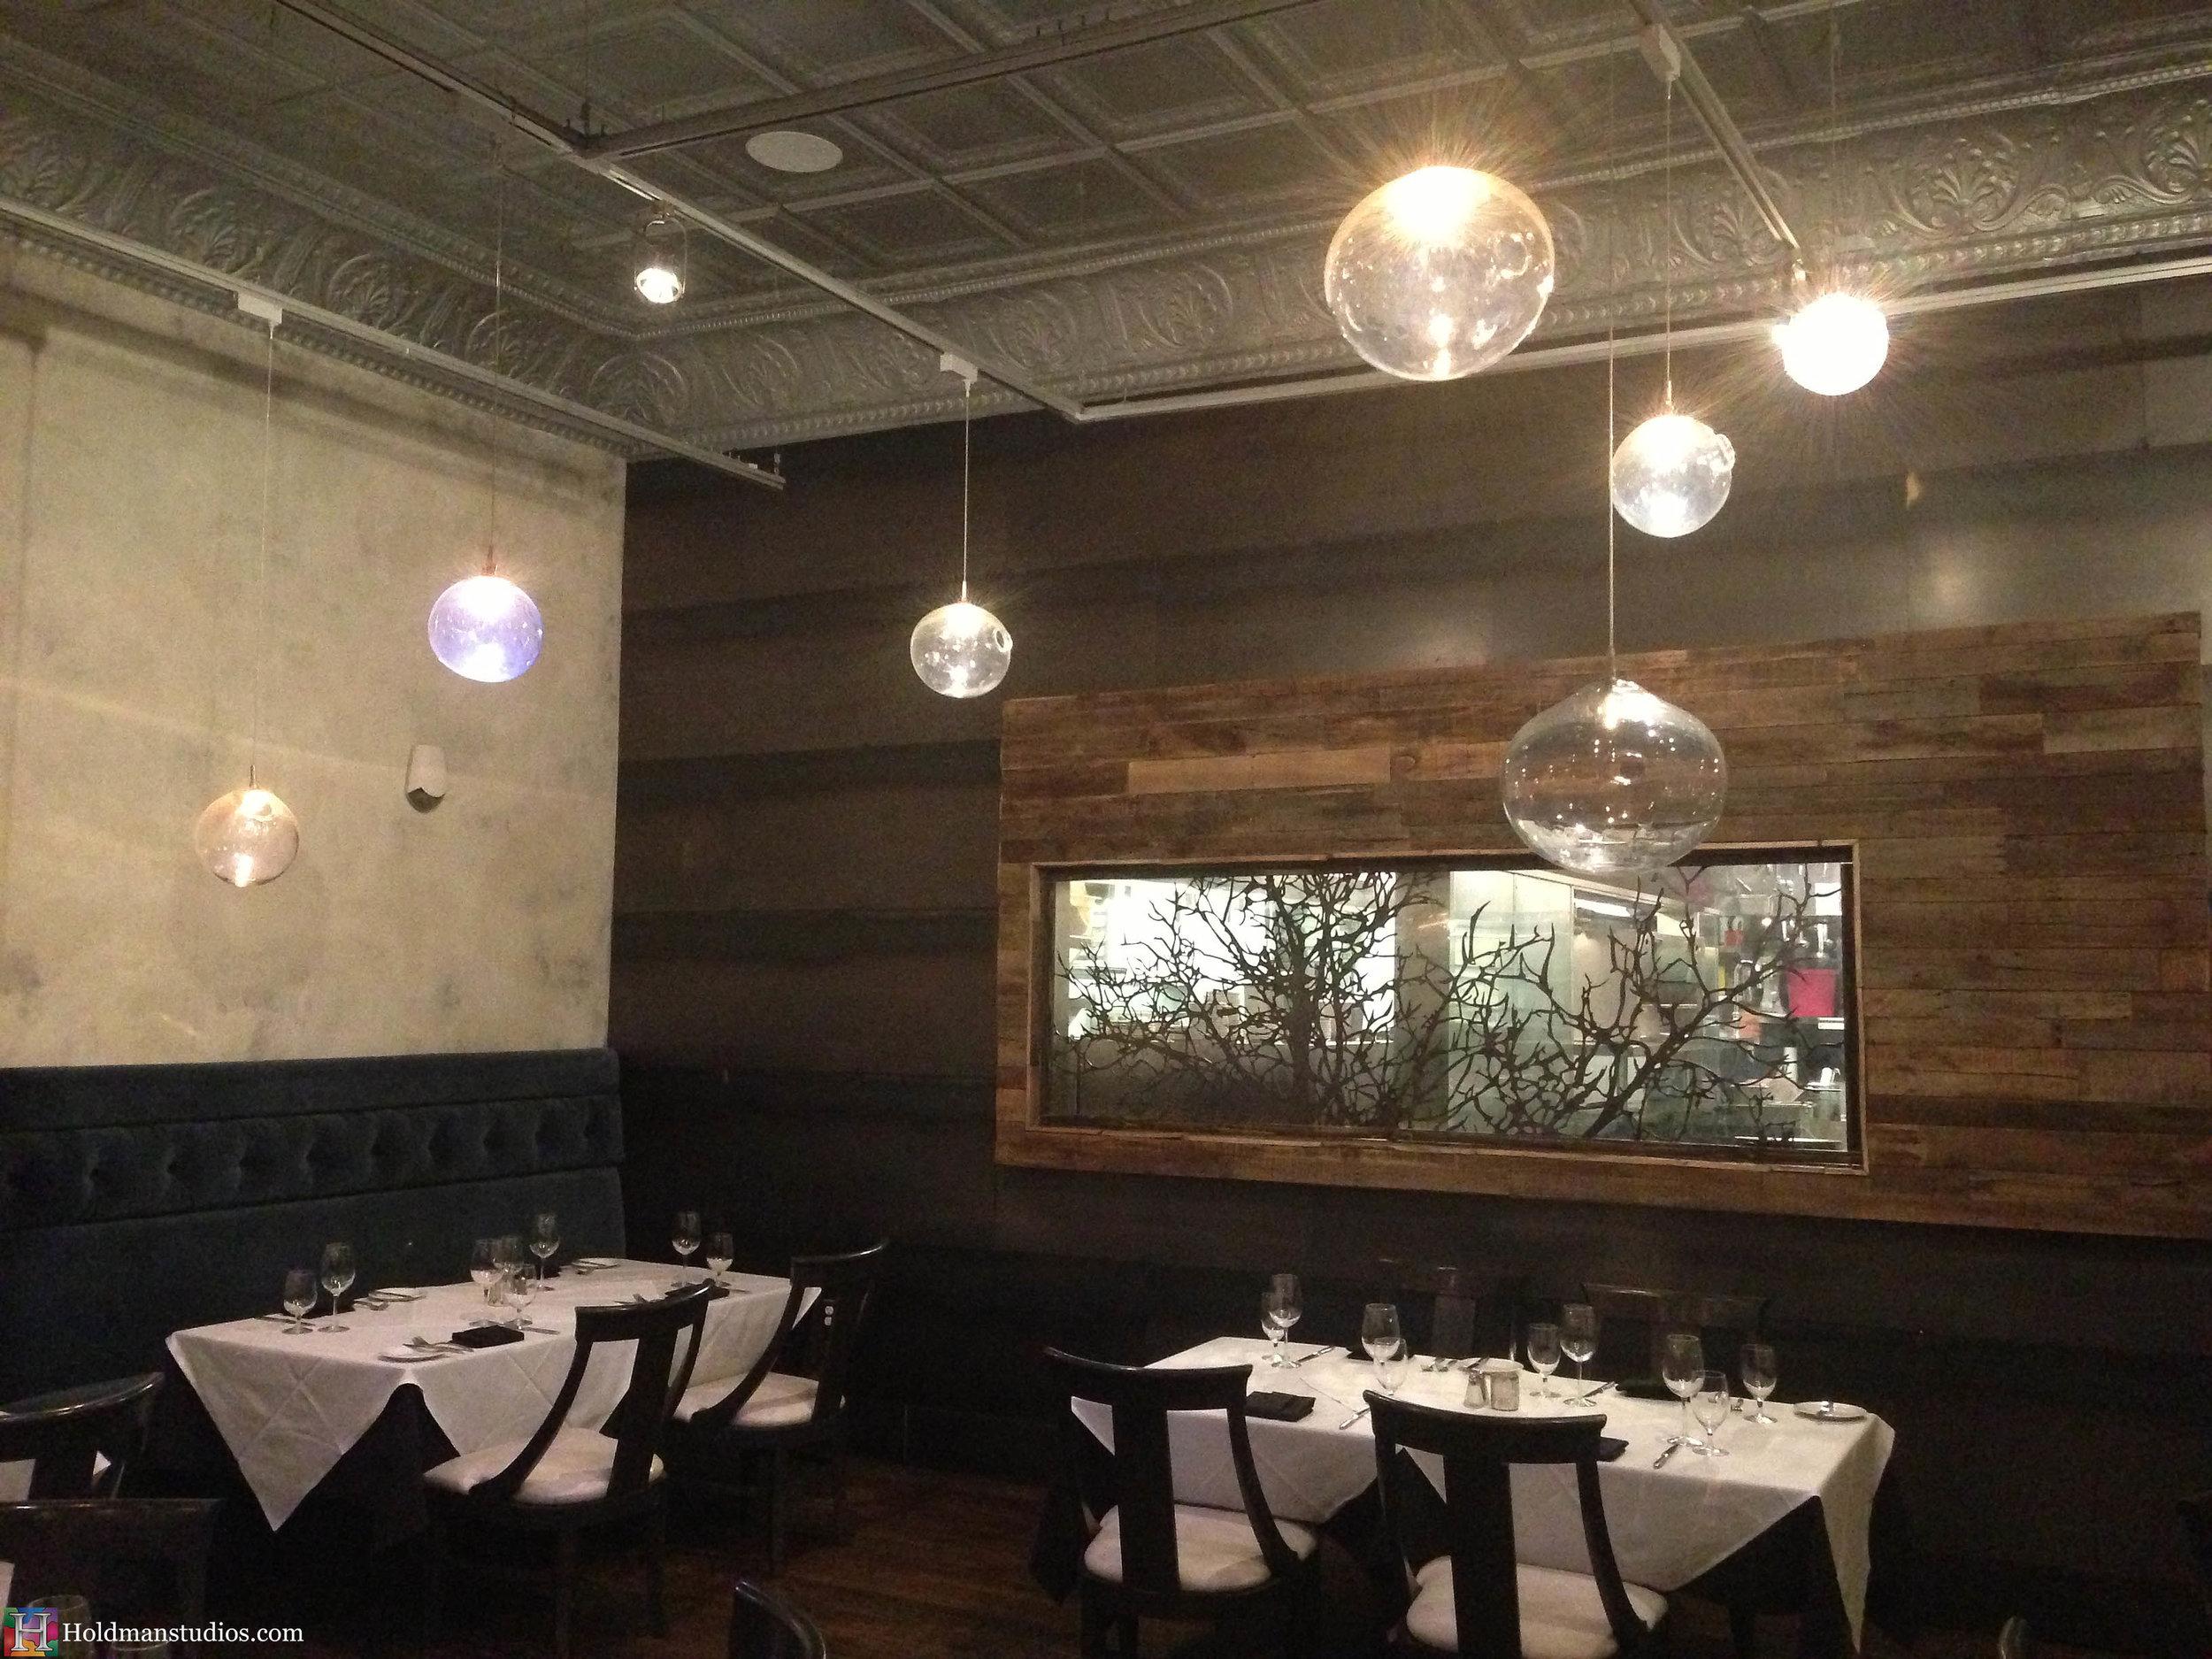 Blown Glass_Riverhorse Resturant 4.jpg